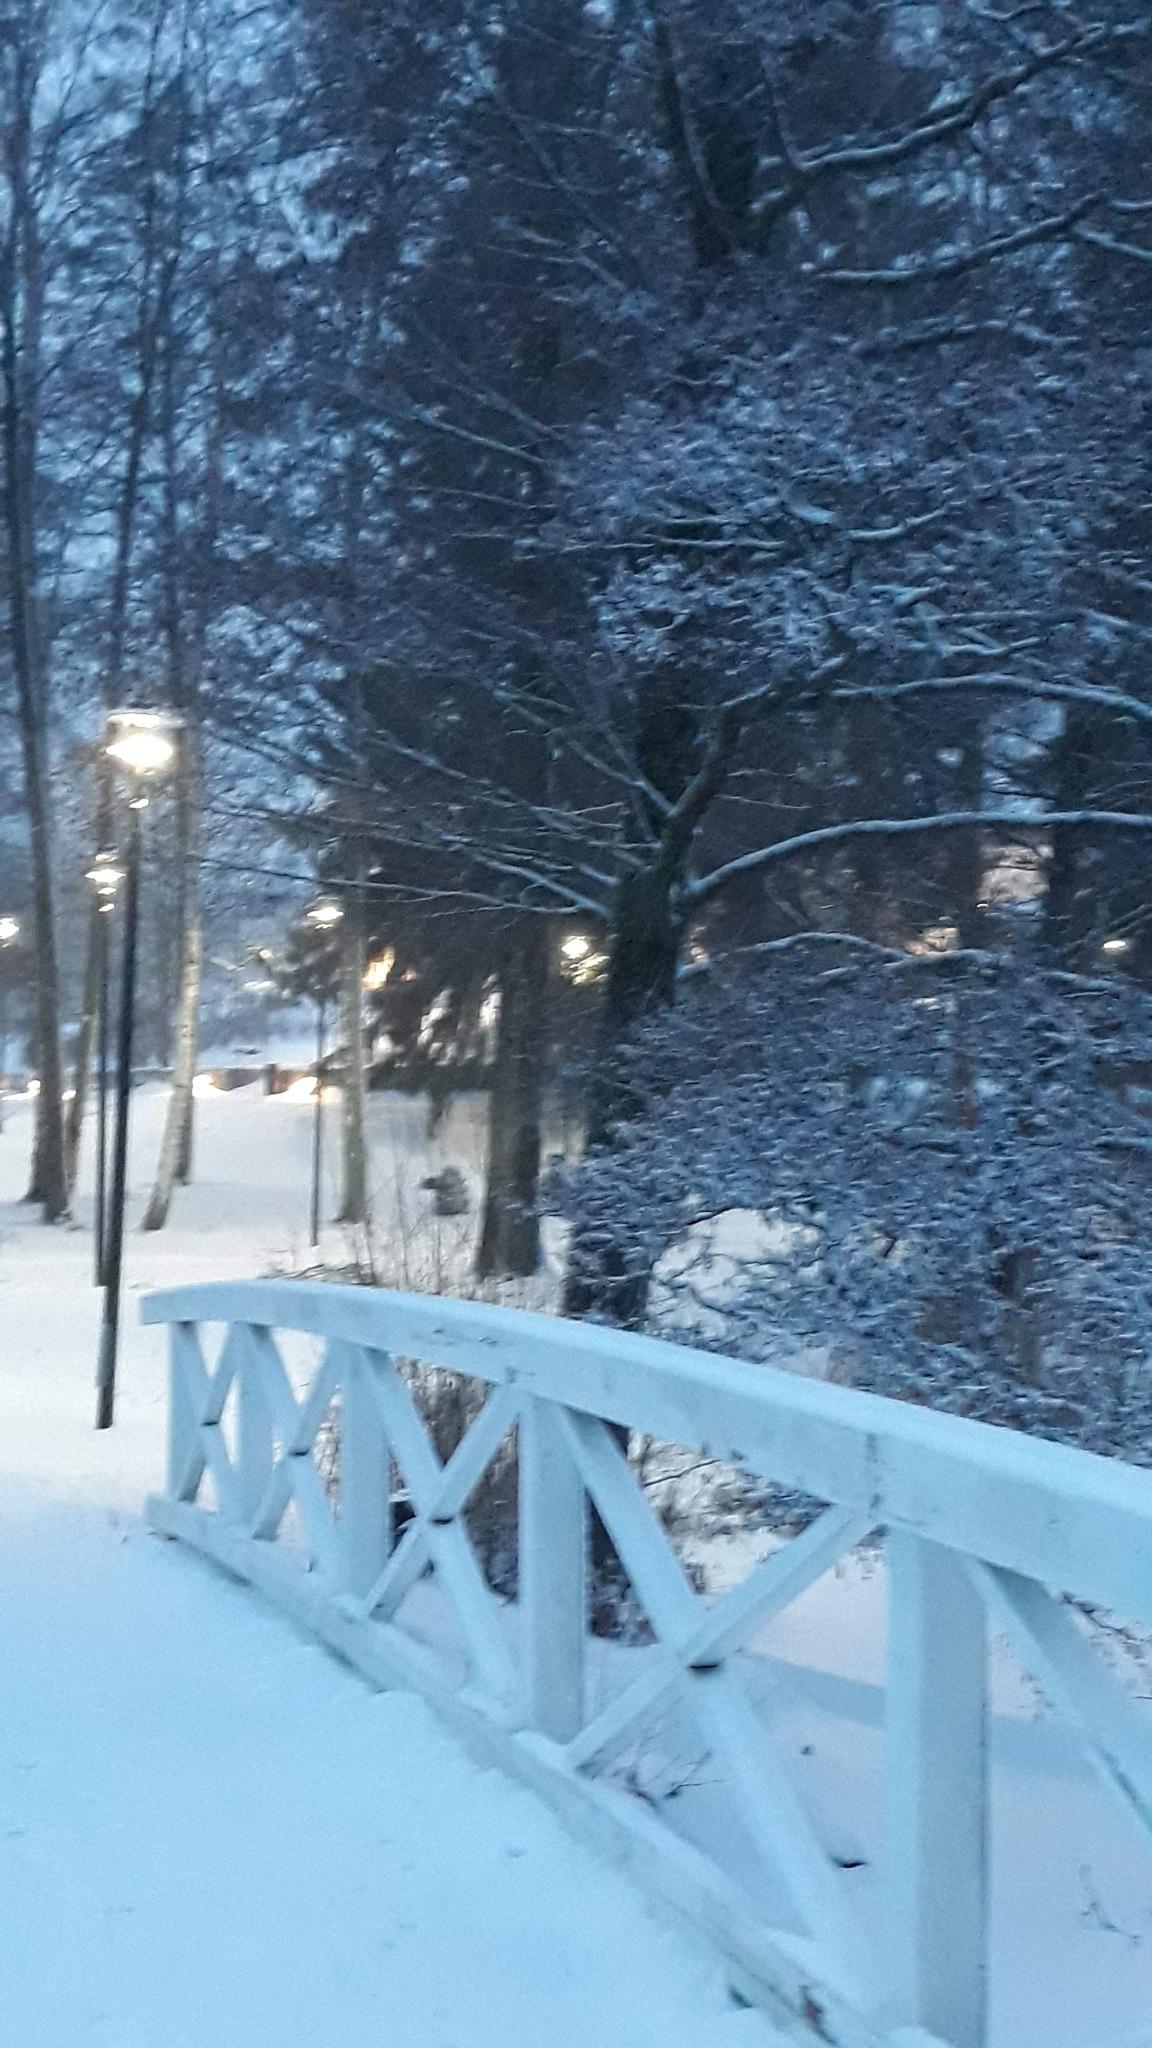 Winter park by Sanna Rosman